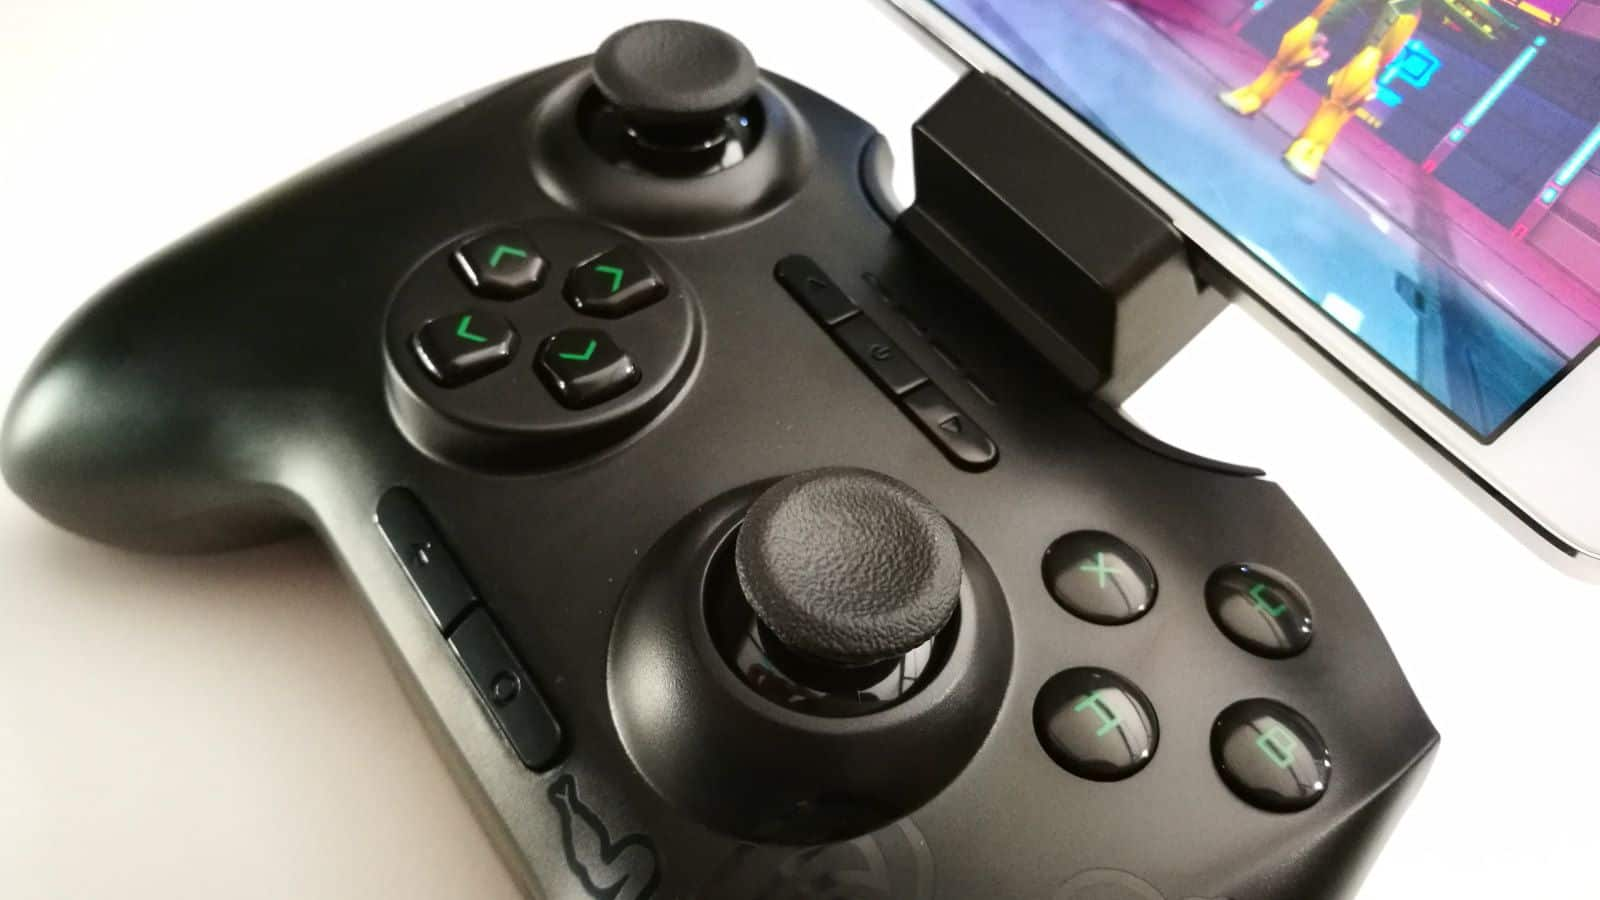 Joystick para celular - como funciona, tipos diferentes e melhores modelos